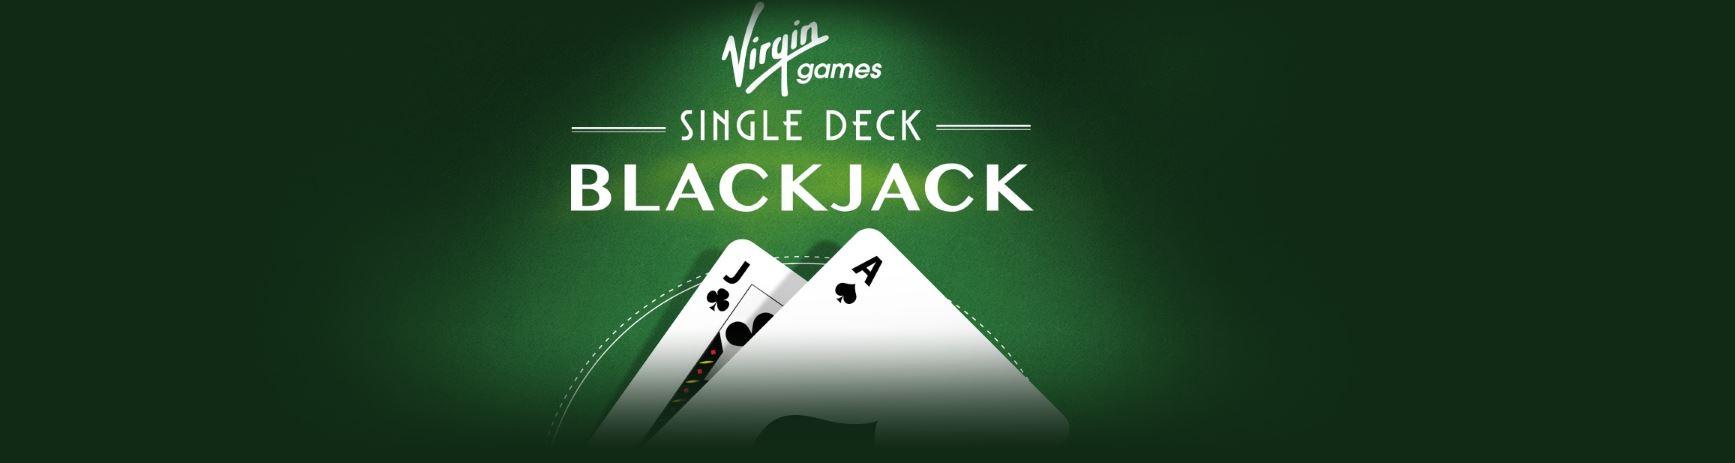 Aprender a jugar a blackjack es fácil con estrategias.